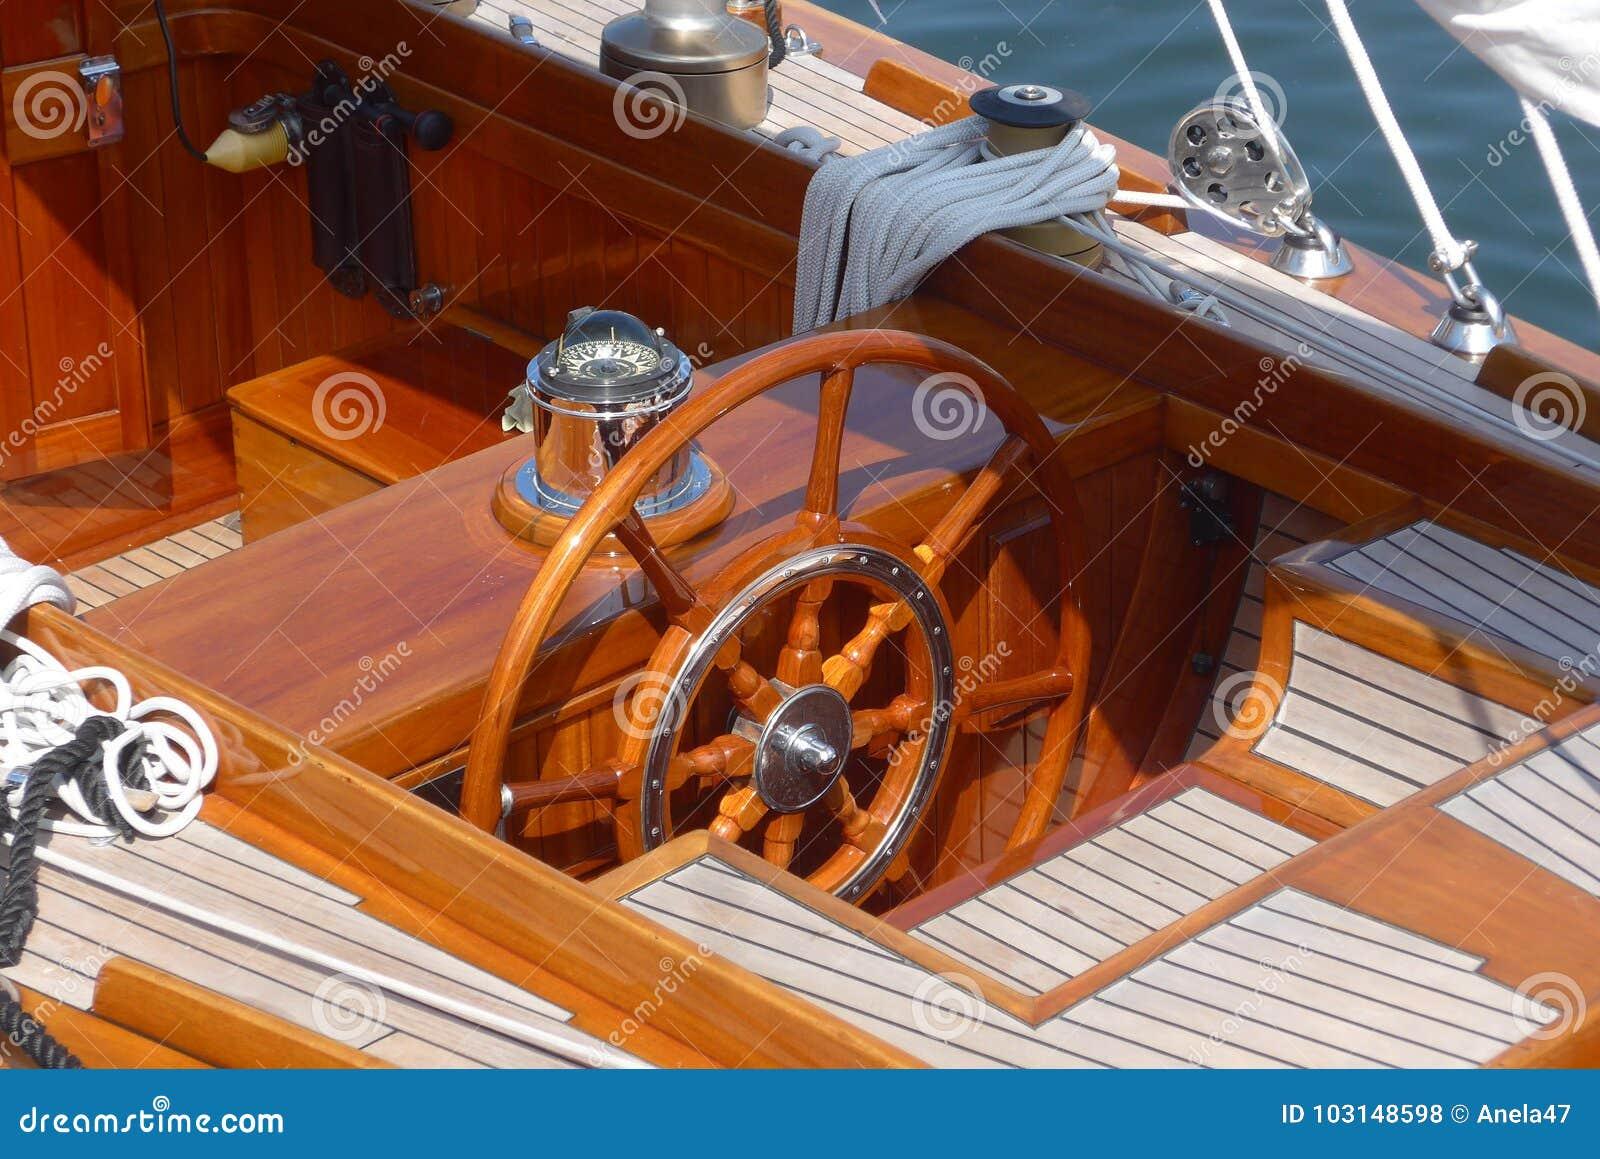 Фото детали плавания плавать, рулевое колесо, палуба teak и компас